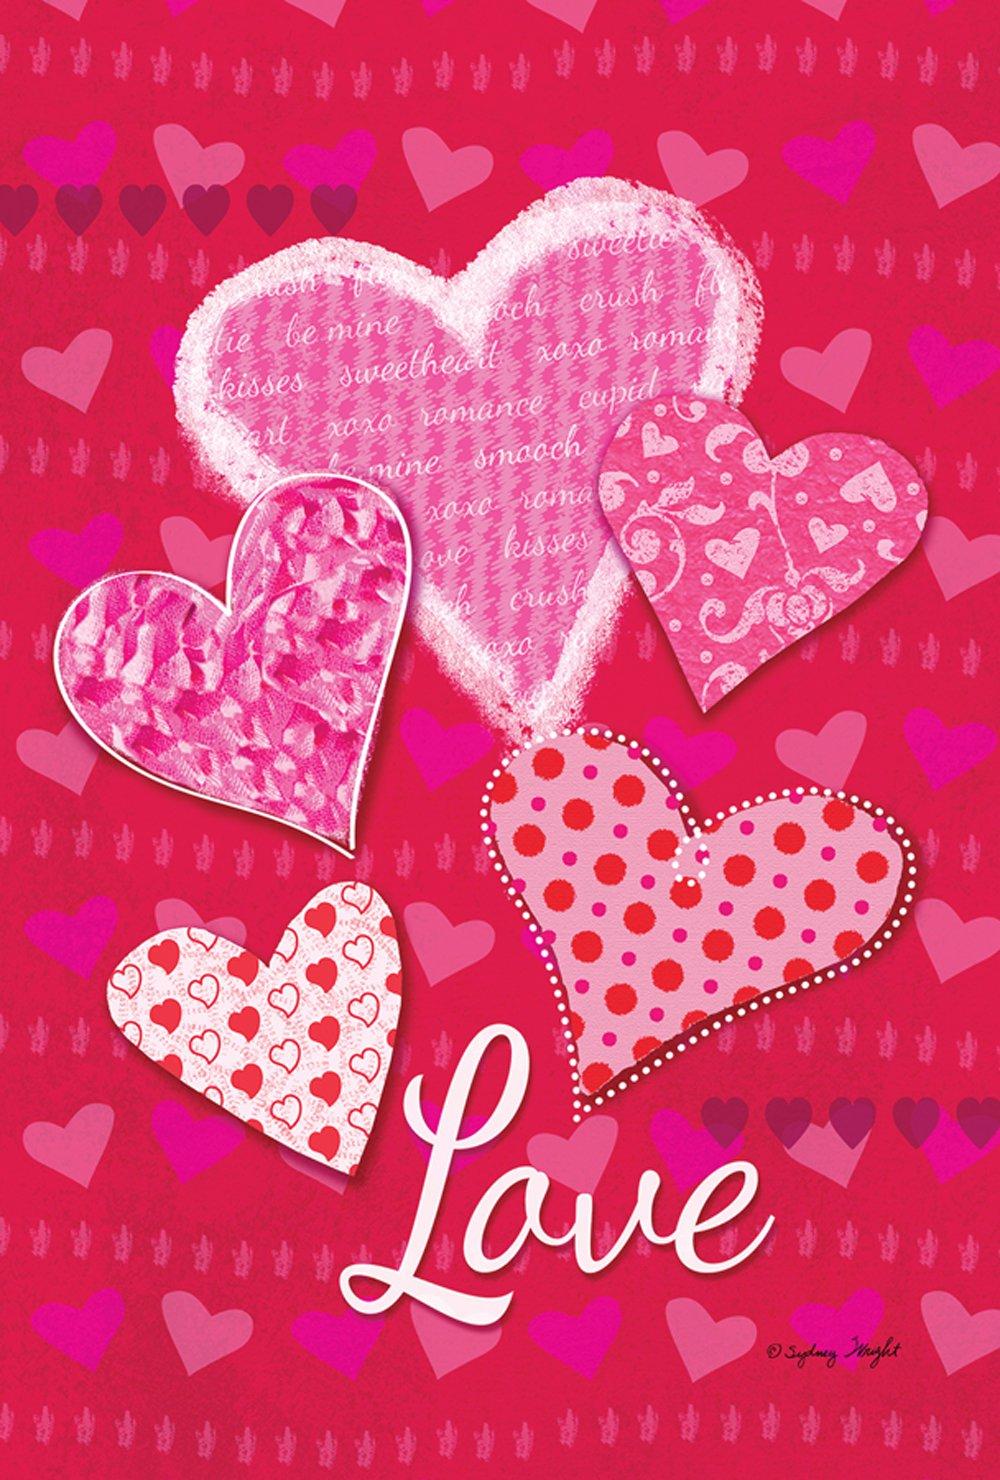 Toland Home Garden Whole Lotta Love 12.5 x 18 Inch Decorative Valentine Heart Garden Flag